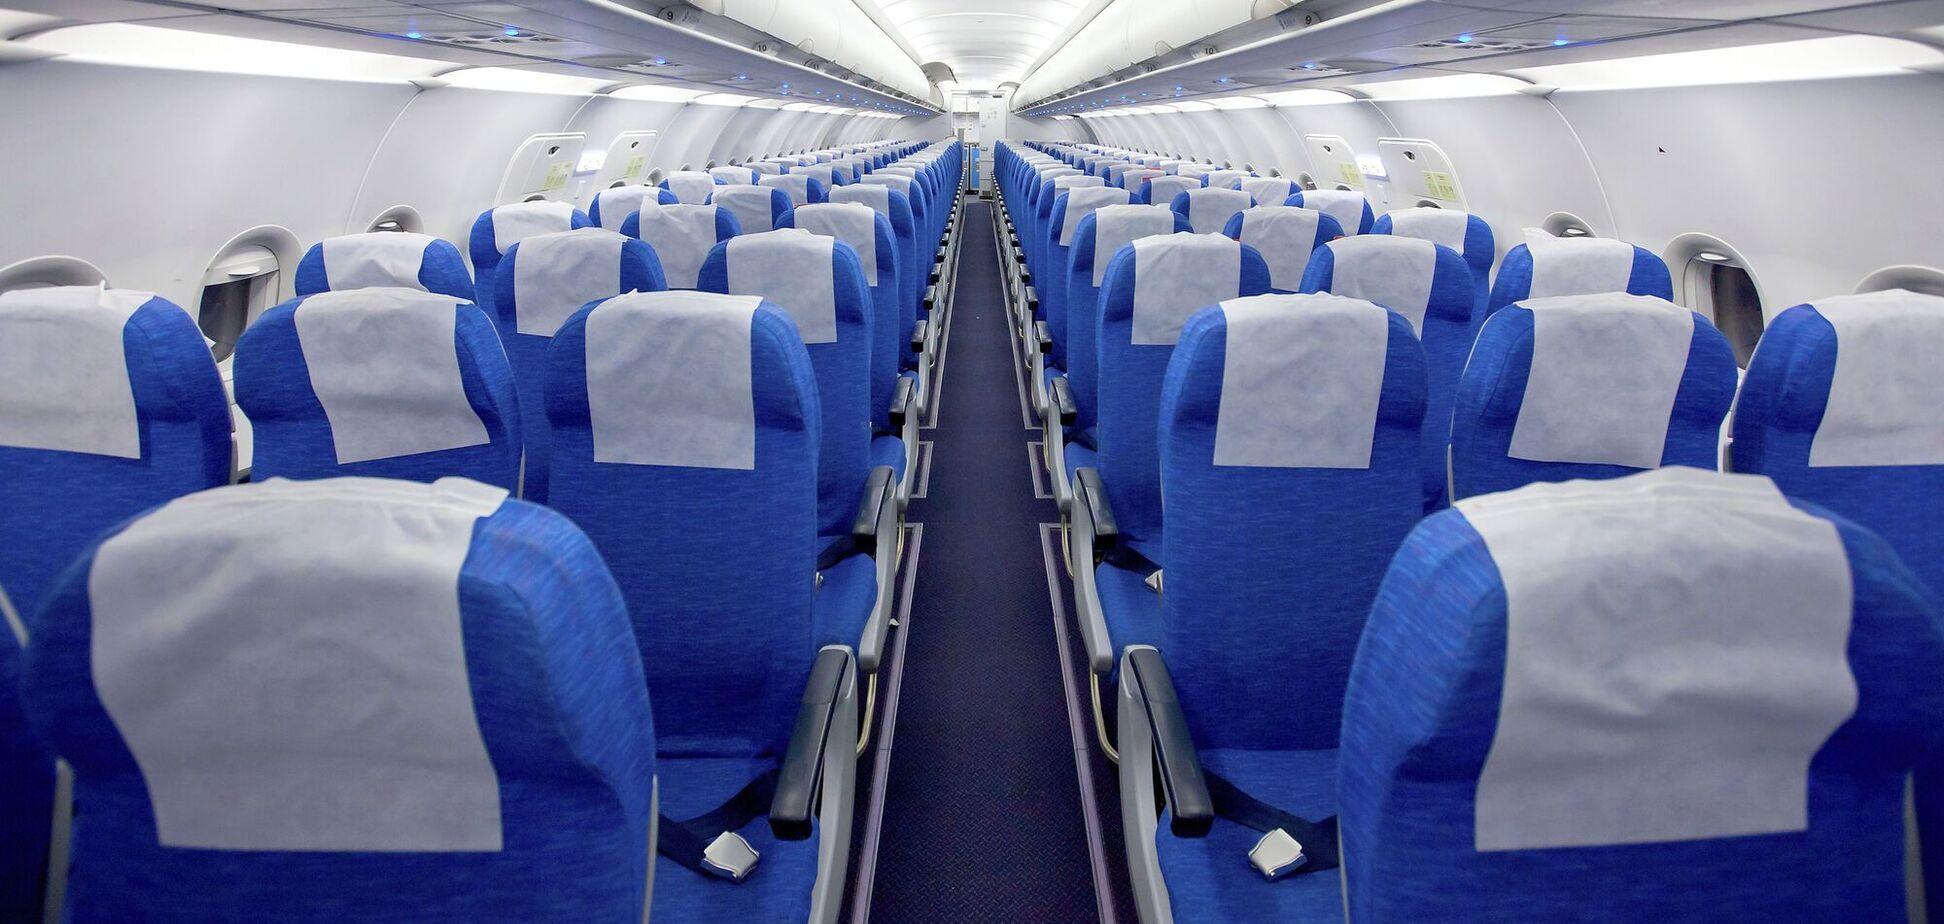 Раскрыта самая опасная поверхность для касания в самолете при пандемии